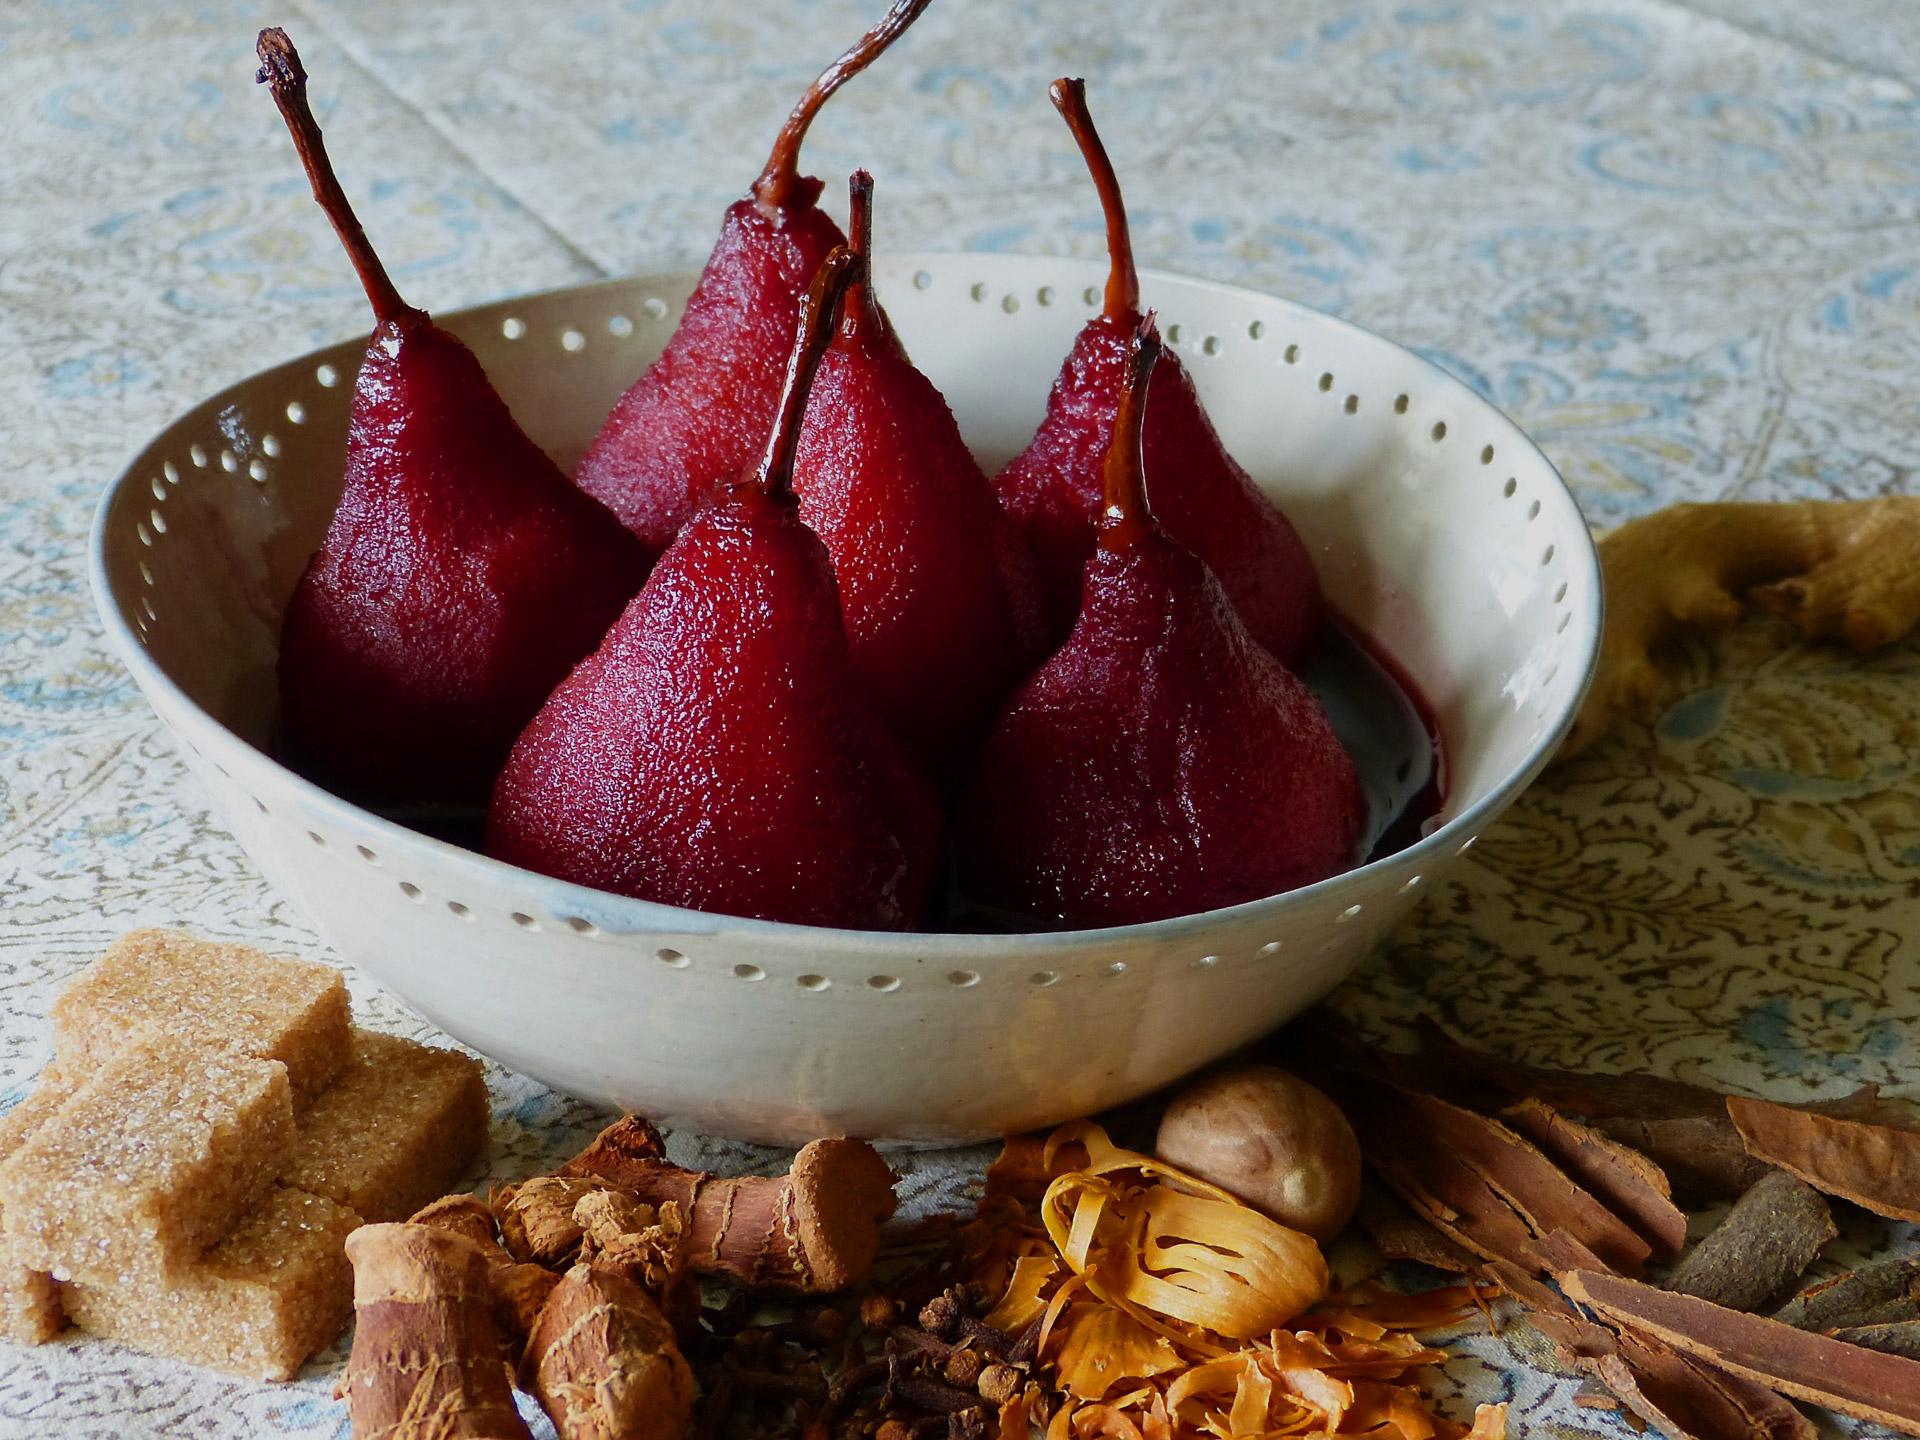 Recettes-poires-vin-rouge-epices-les-causeries-culinaires-ancetres-boutique-cours-cuisine-histoire